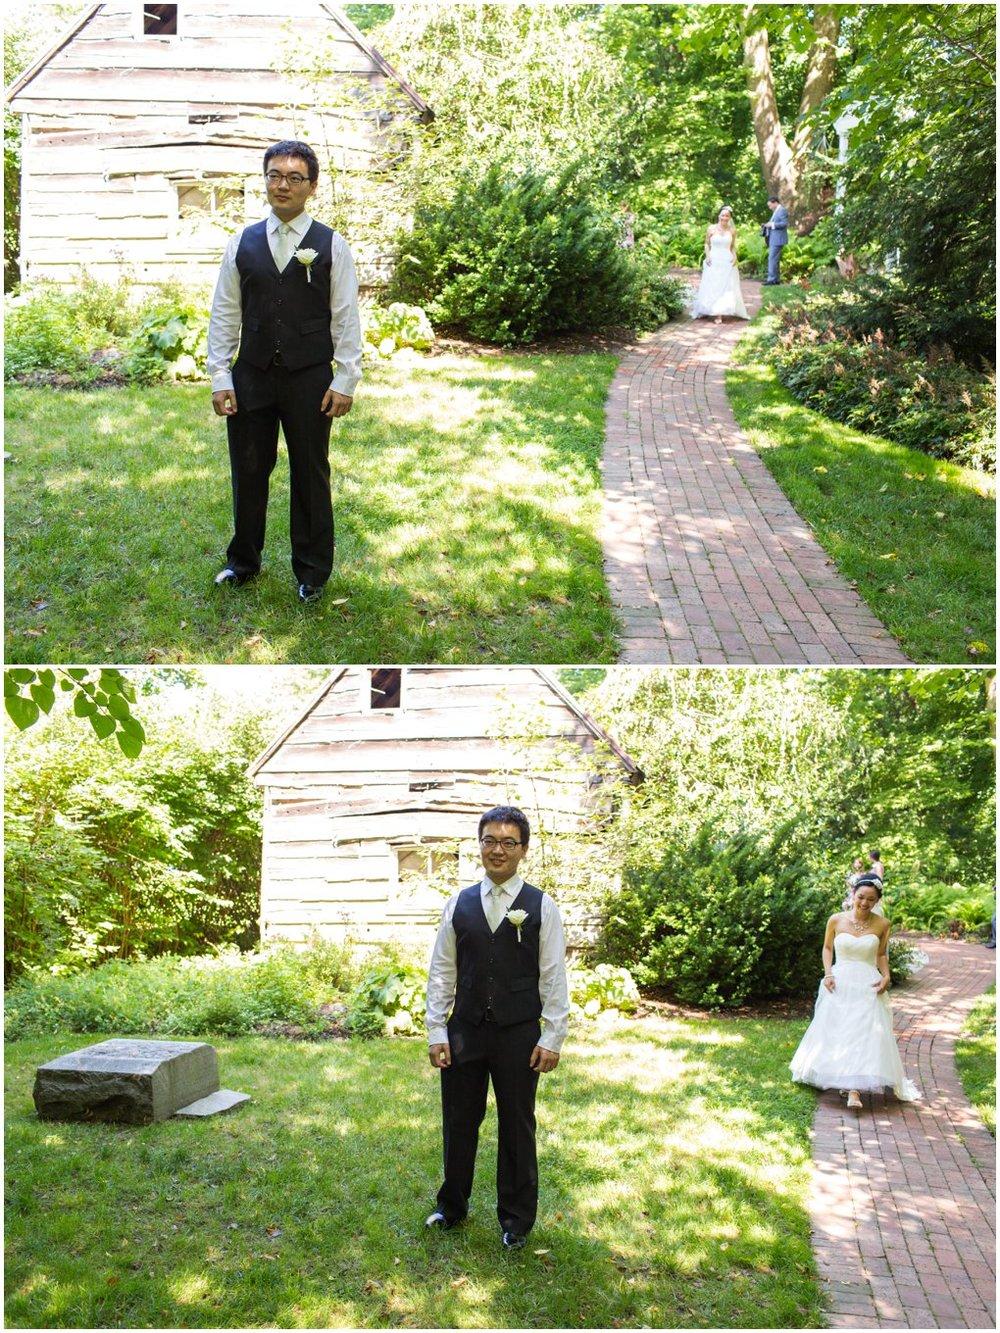 huang-wedding-2013-271.jpg